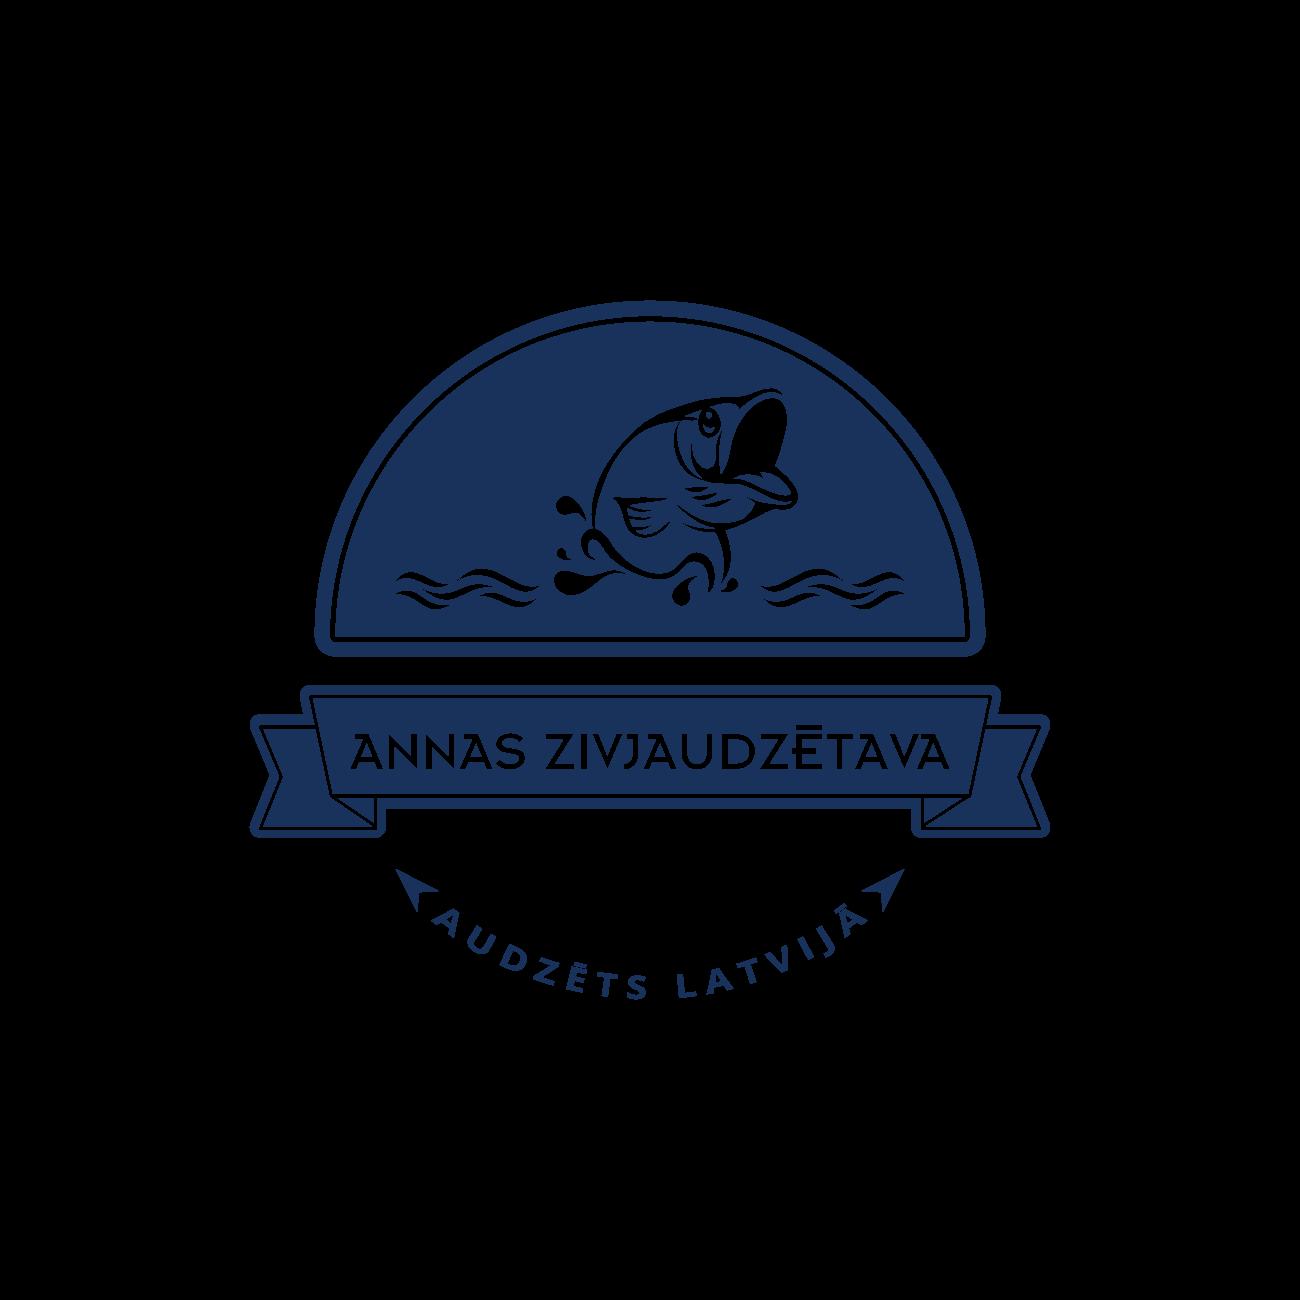 Annas Zivjaudzētava - logotips uz gaiša fona